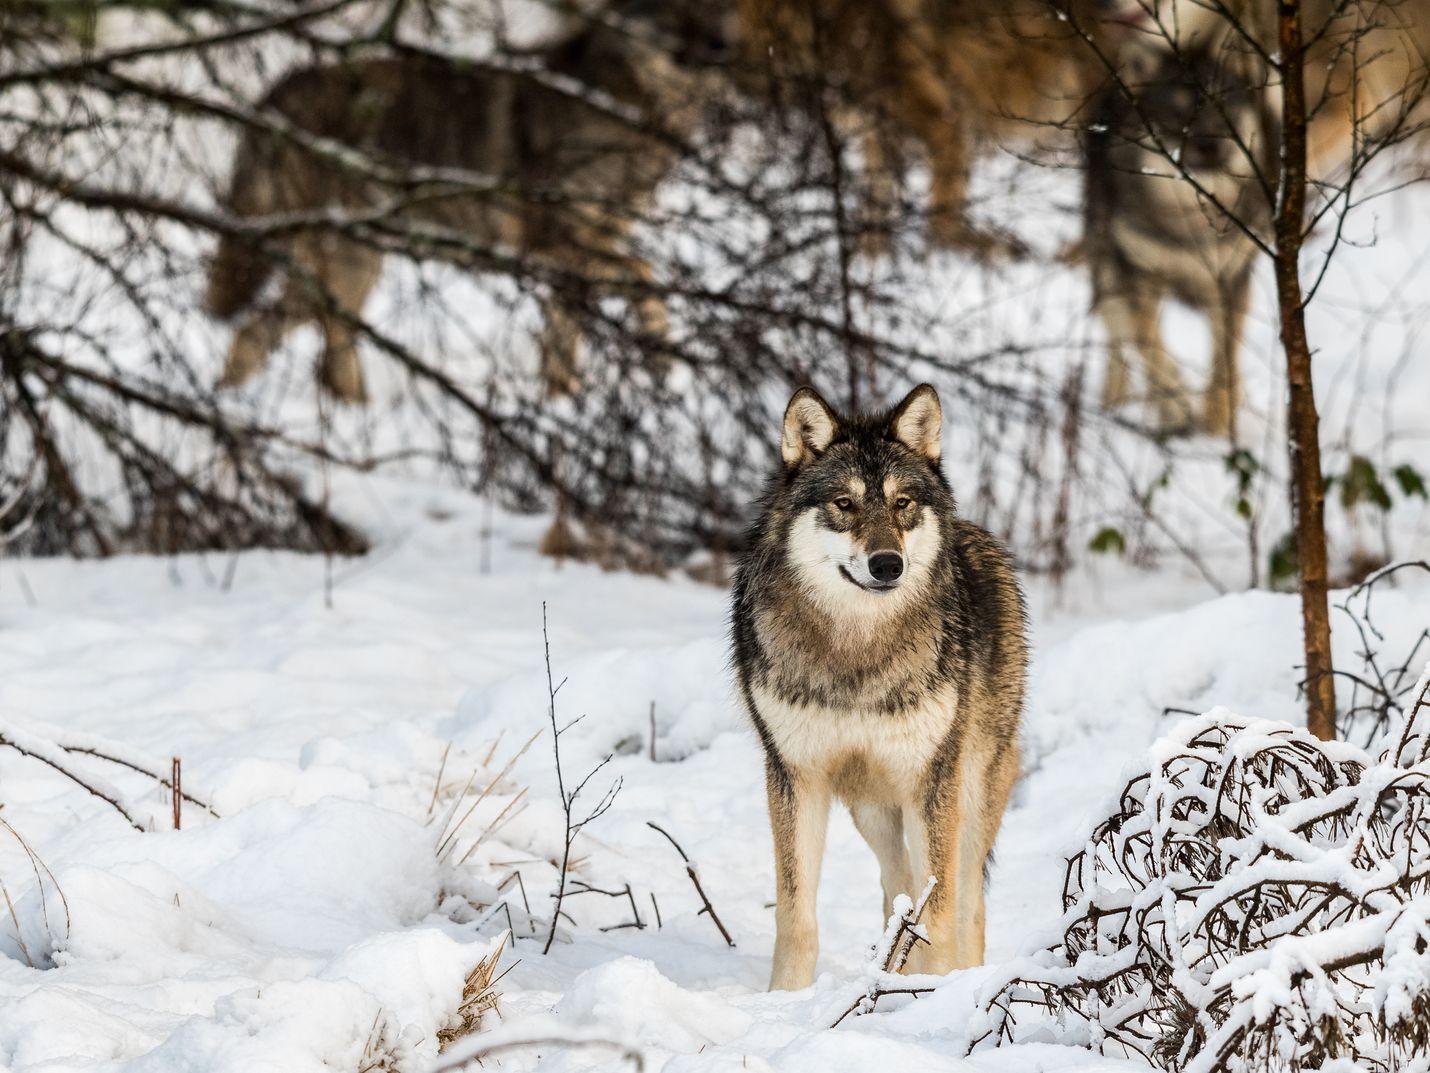 Ruotsin ja Norjan eli Skandinavian susikantaa uhkaa sisäsiittoisuus, ellei Suomesta pääse alueelle riittävästi susia. Susikannan suotuisan suojelun tasoakin voitaisiin arvioida useamman maan alueella.